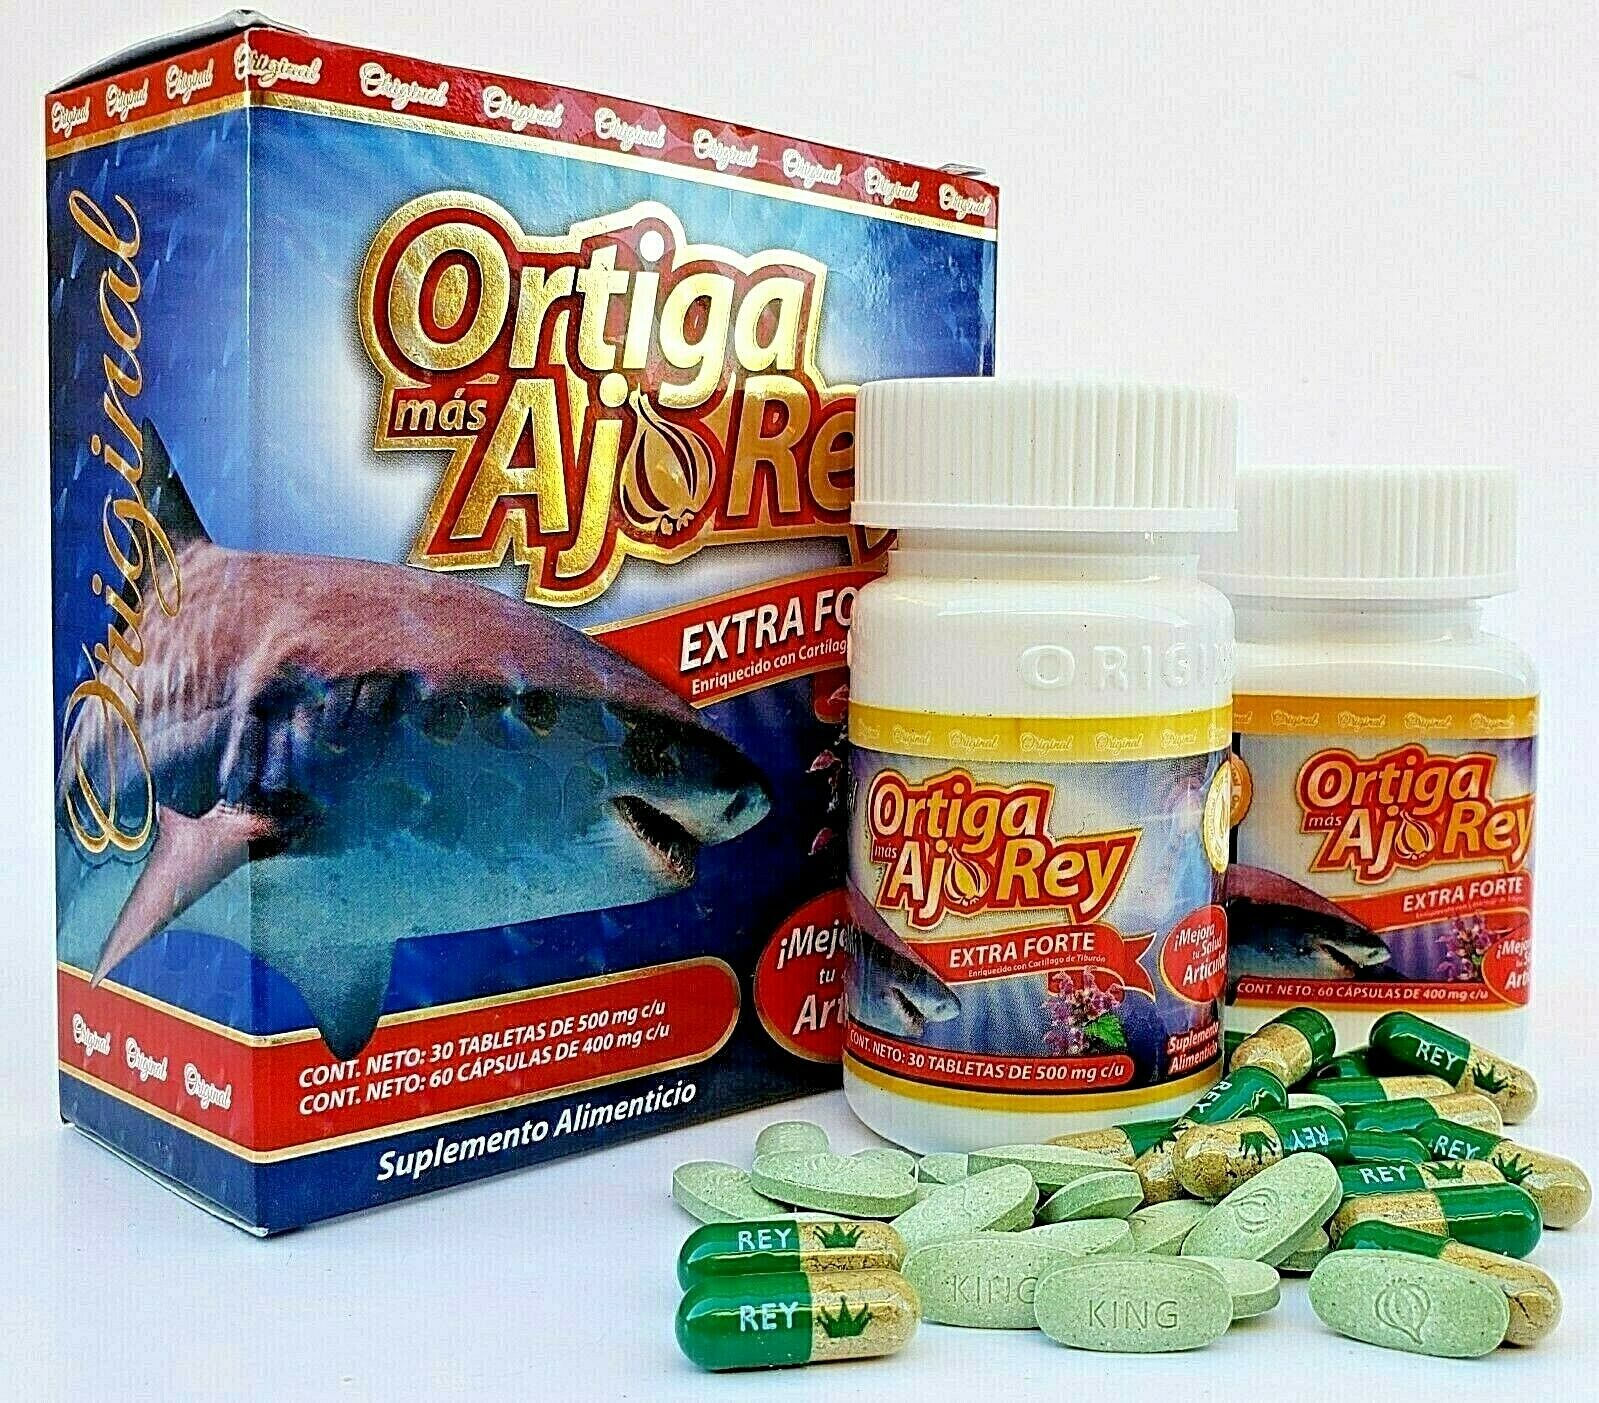 ORTIGA Mas AJO REY Extra Forte SHARK CARTILAGE Cartilago Glucosamin Omega 3 MSM